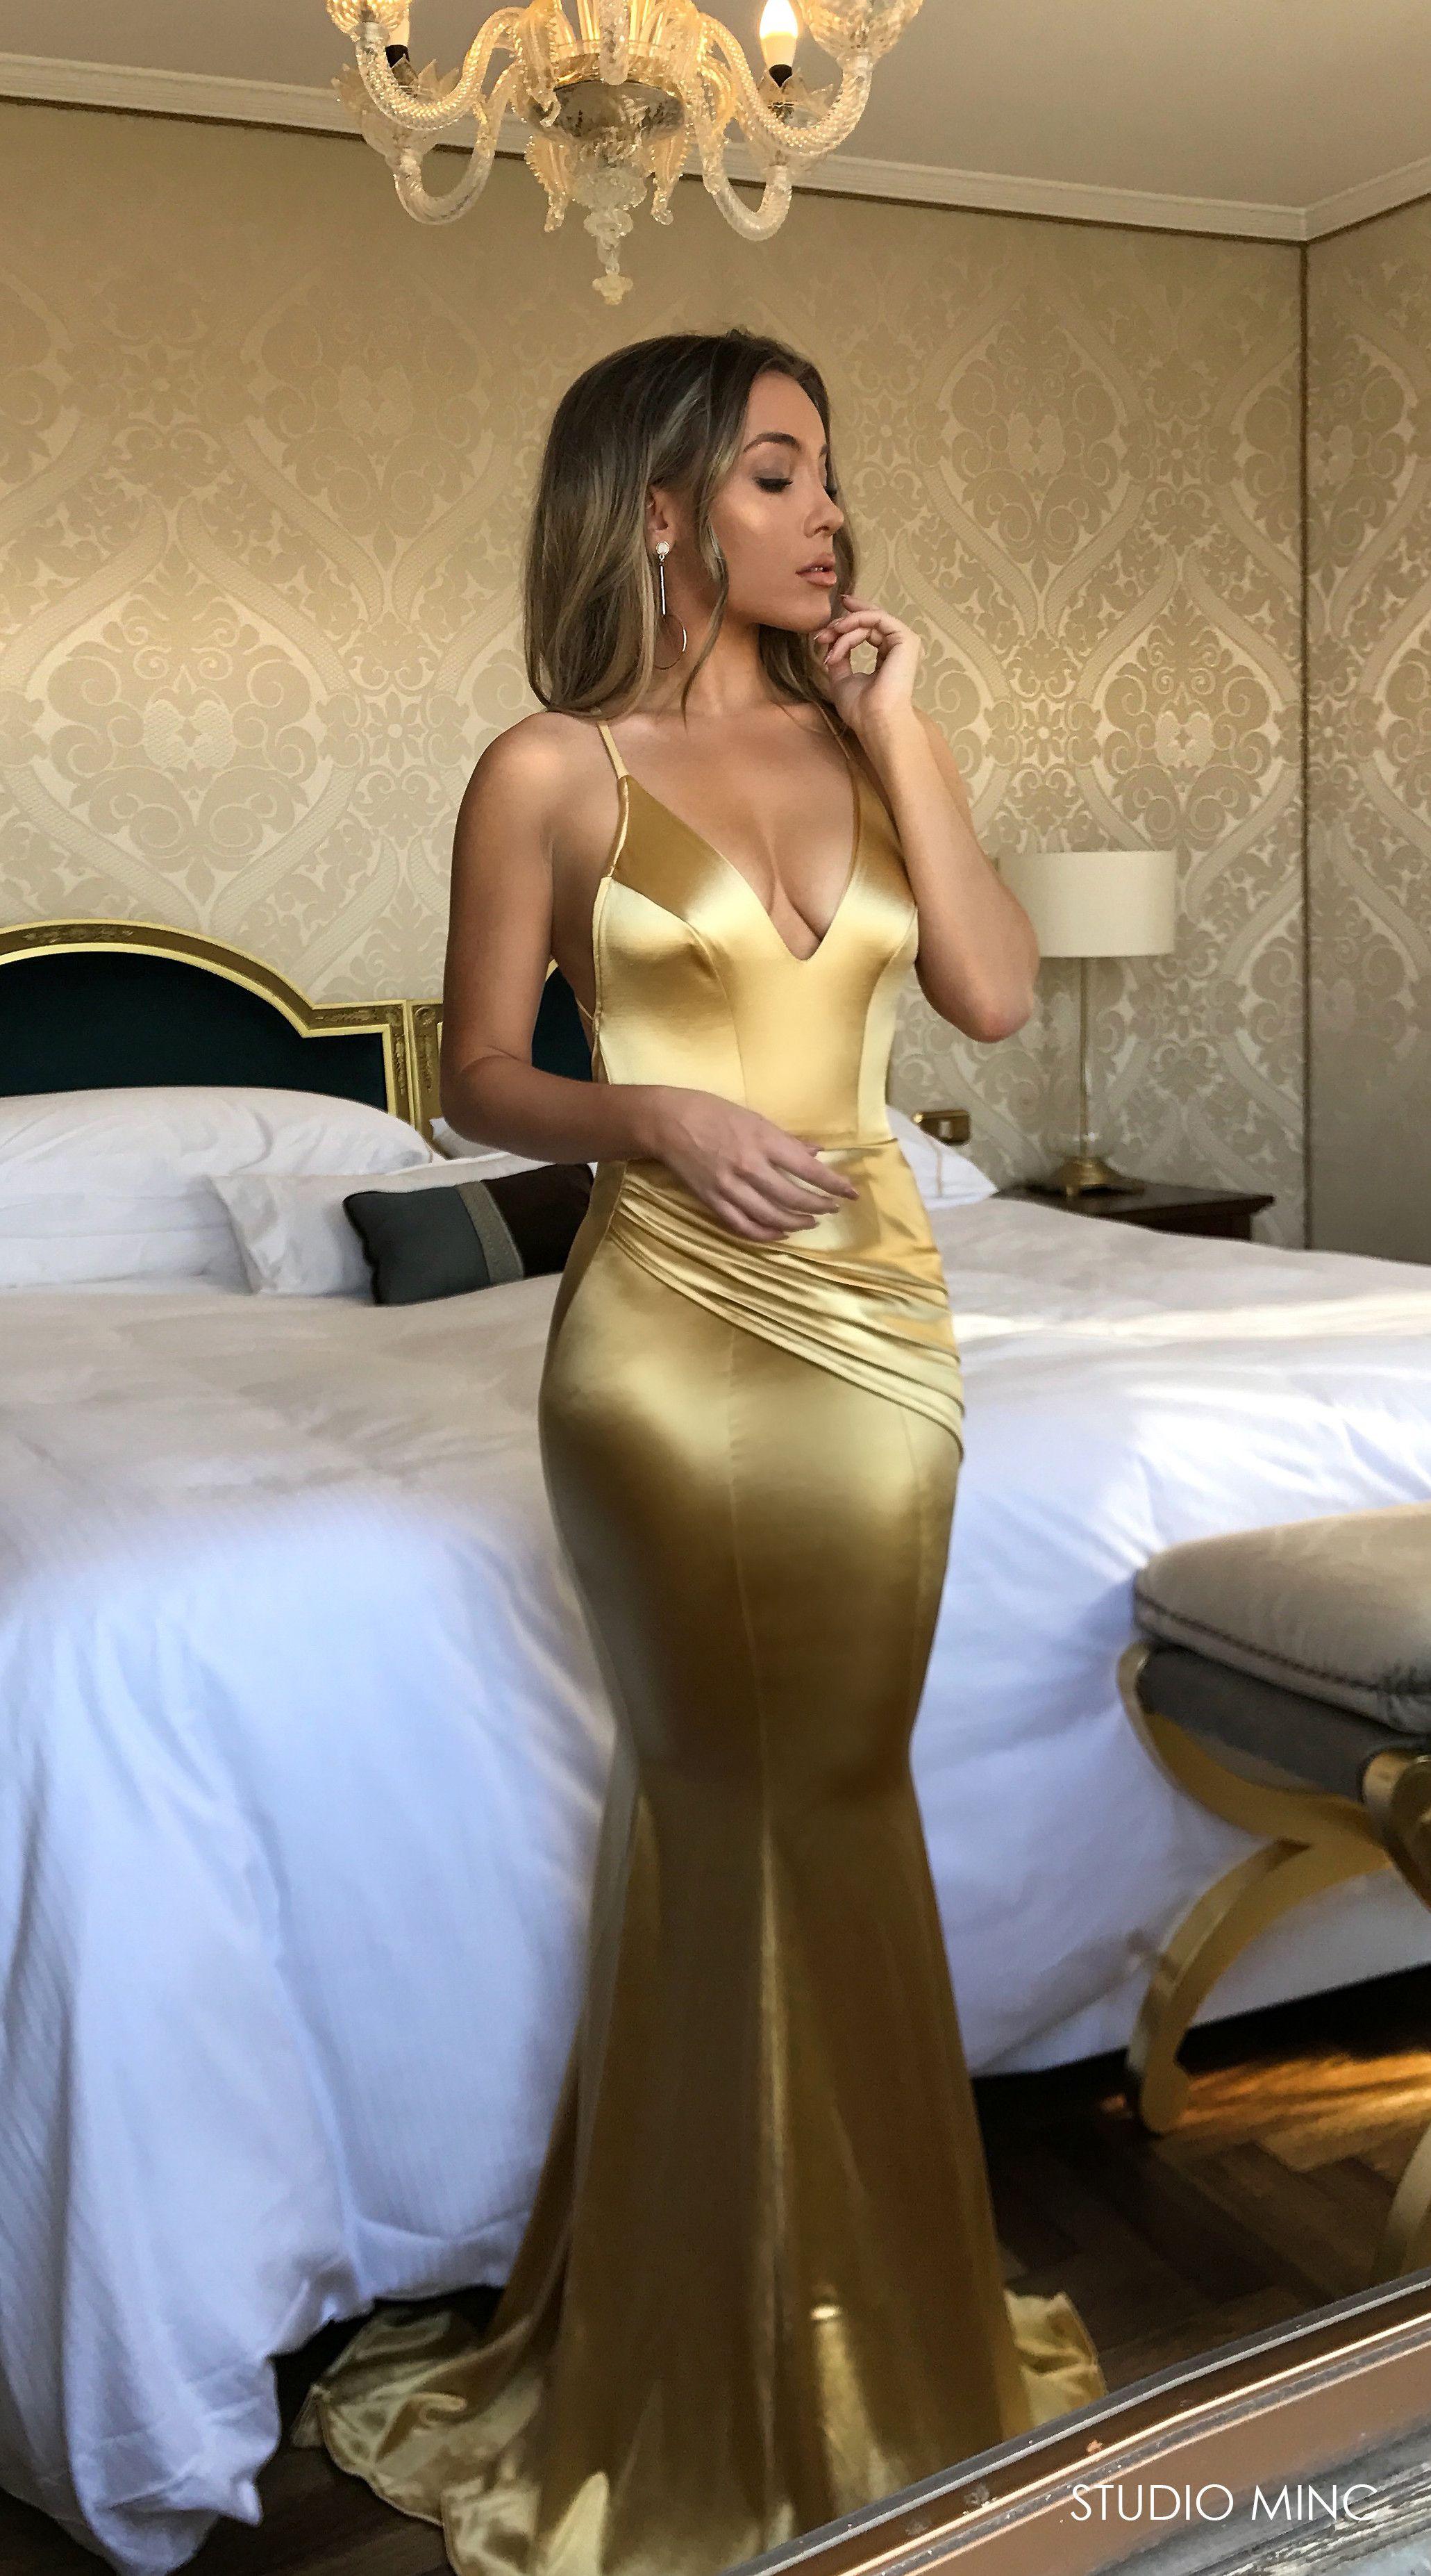 Gold Satin Spell Dress By Studio Minc Formal Prom Backless Dress Blue Mermaid Prom Dress Prom Dresses Backless Prom Dresses [ 3709 x 2061 Pixel ]